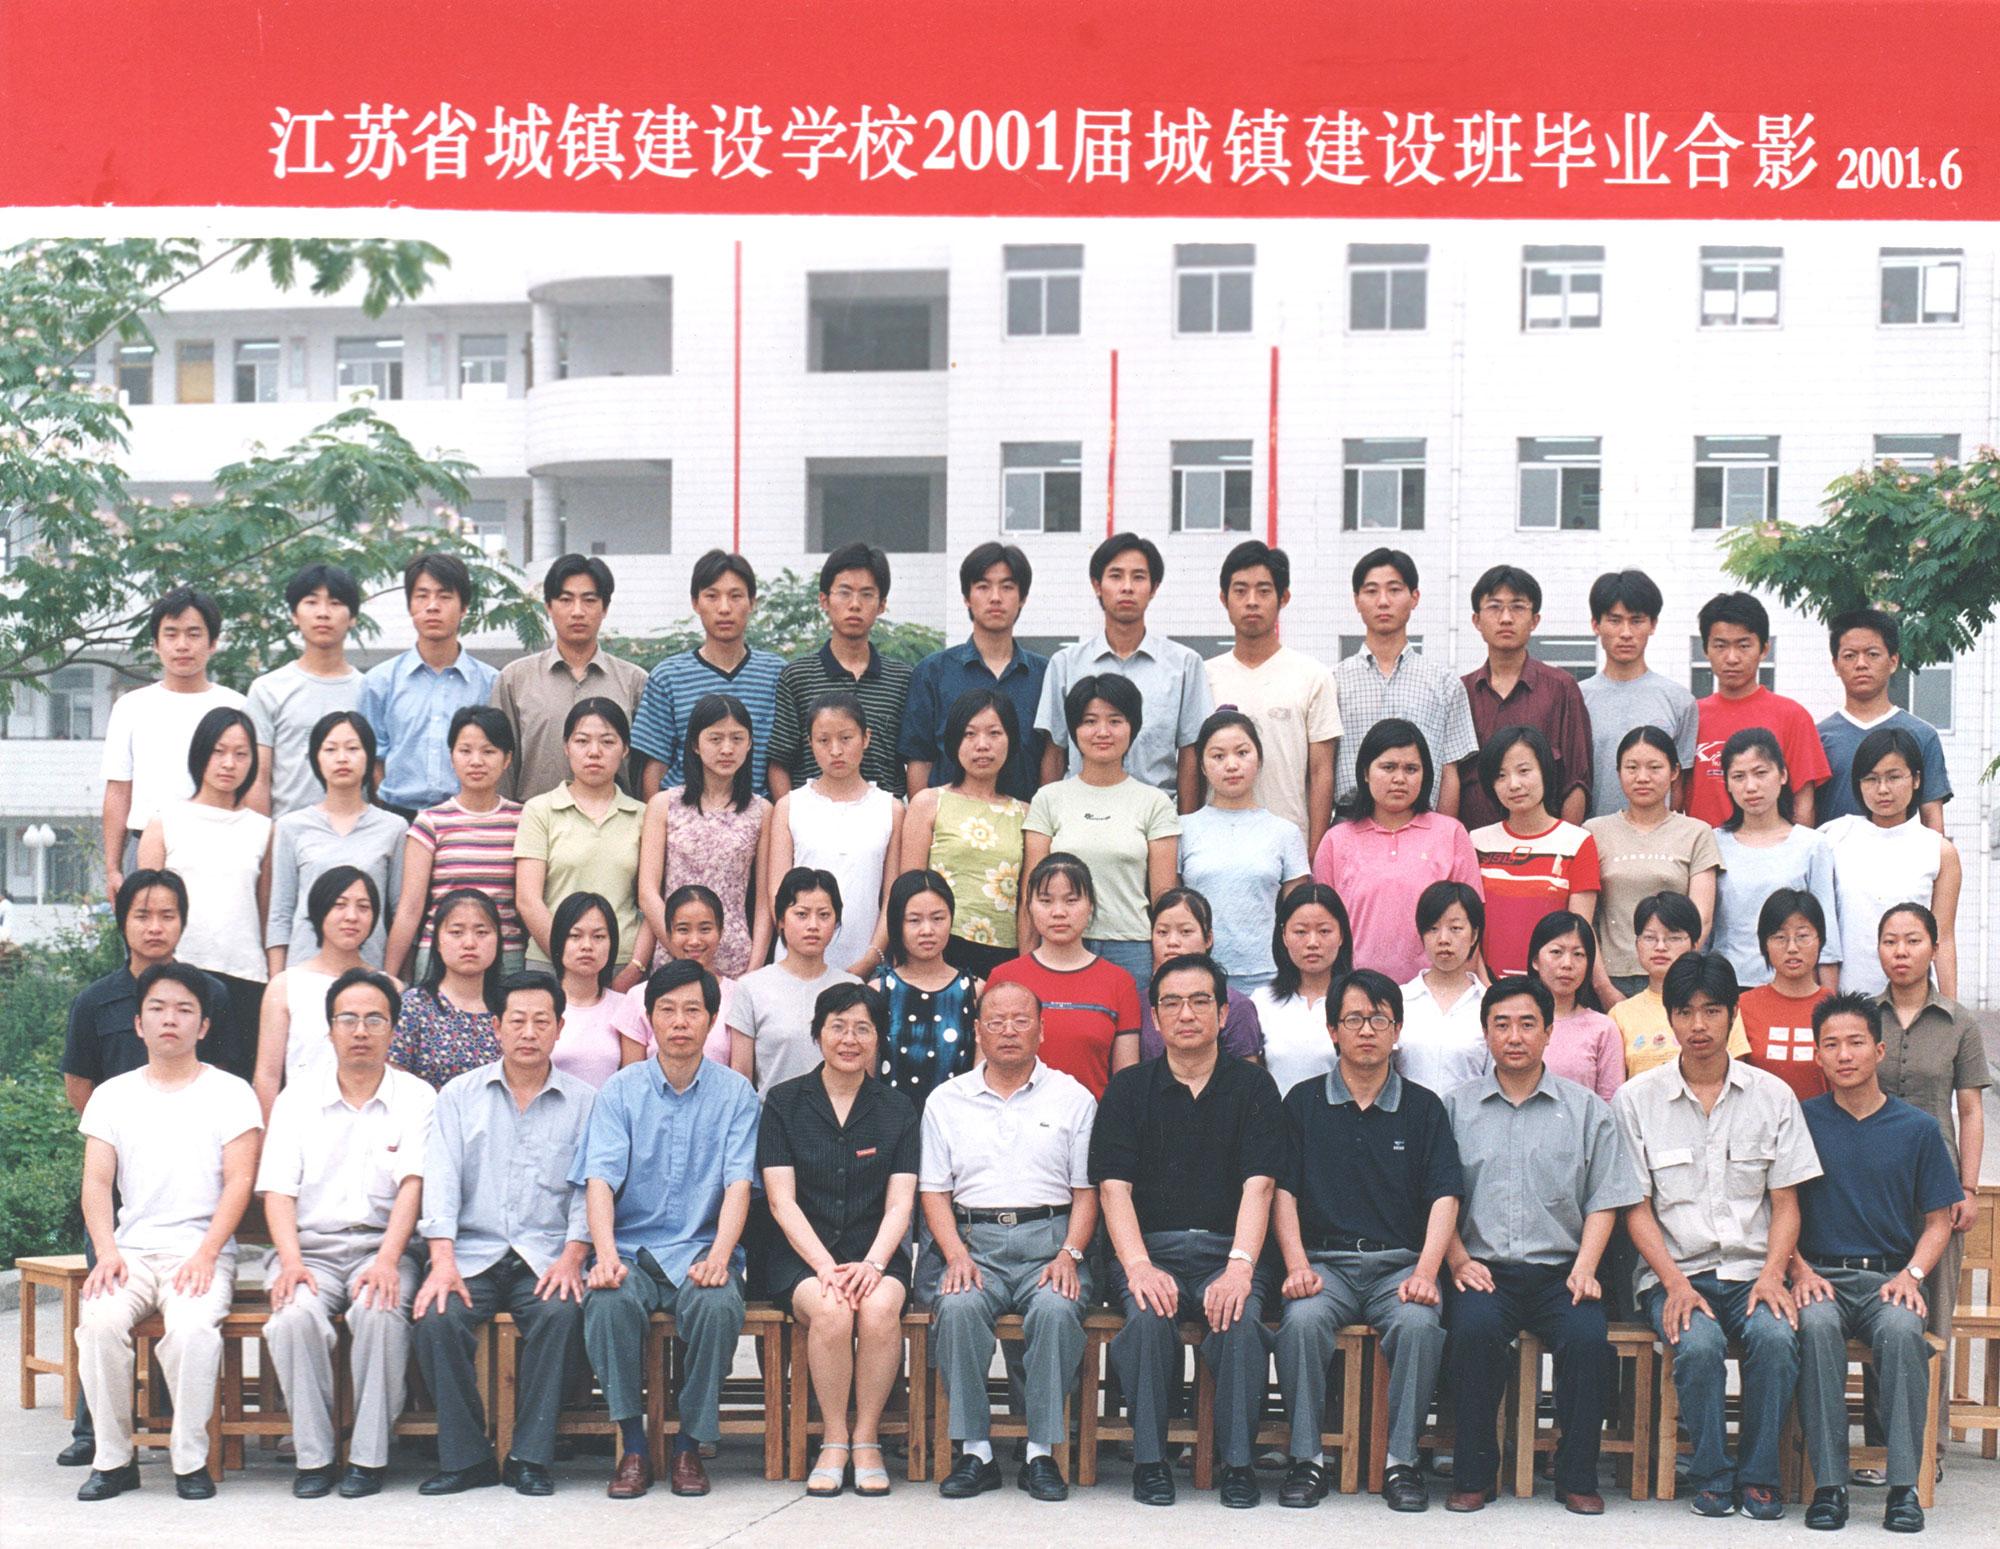 2001届城镇建设班毕业合影